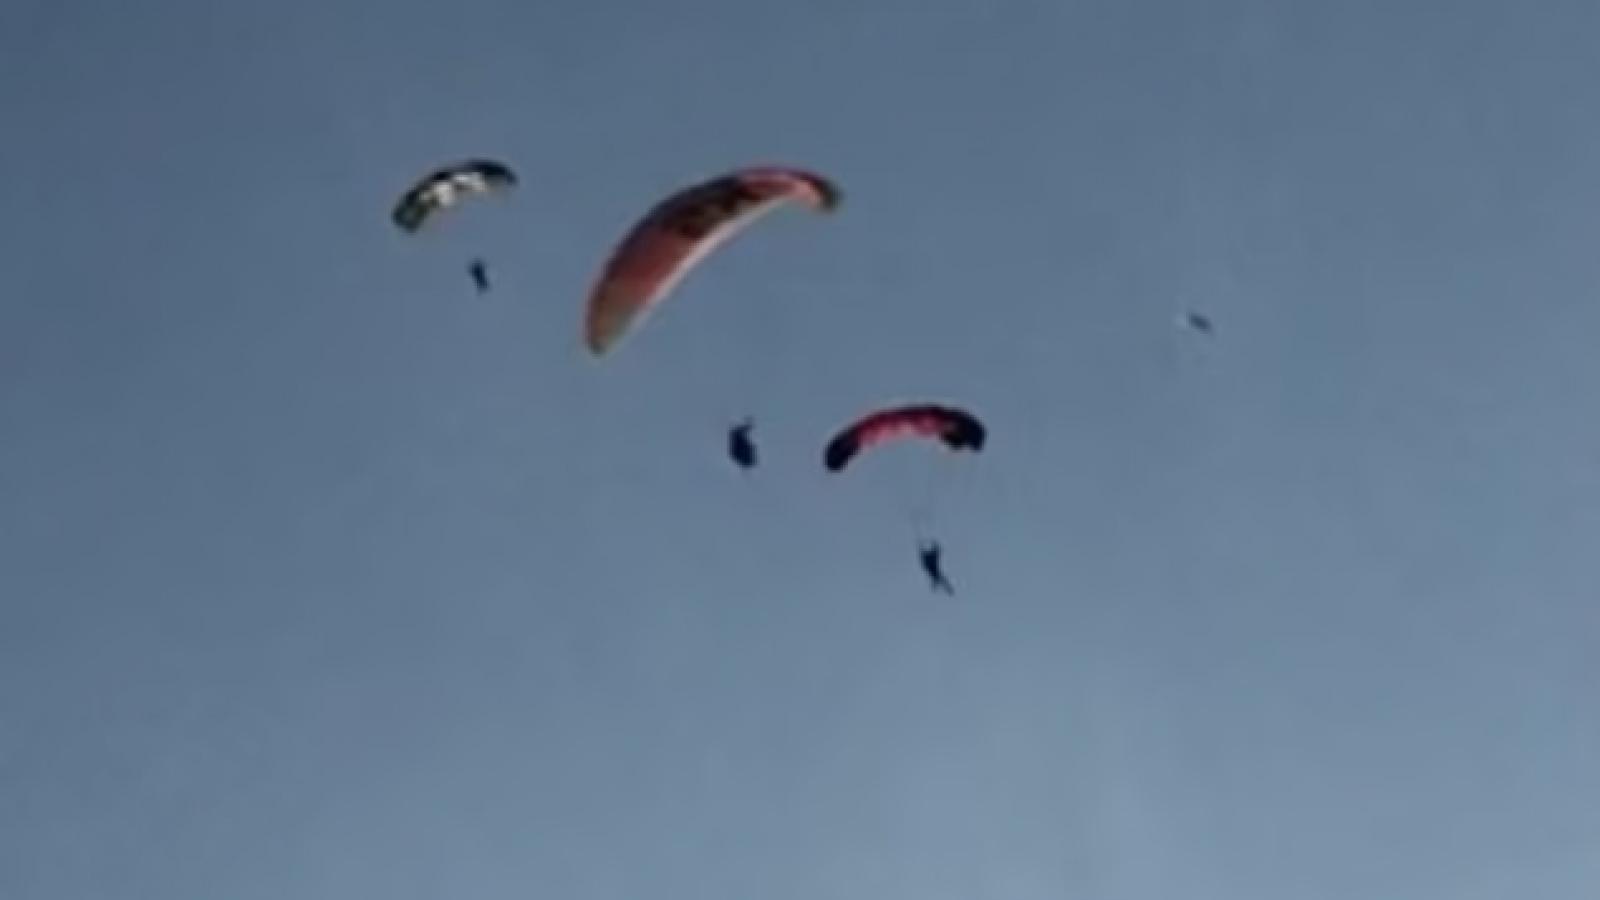 Kinh hãi khoảnh khắc người chơi dù lượn bị vướng vào nhau trên không và rơi xuống biển